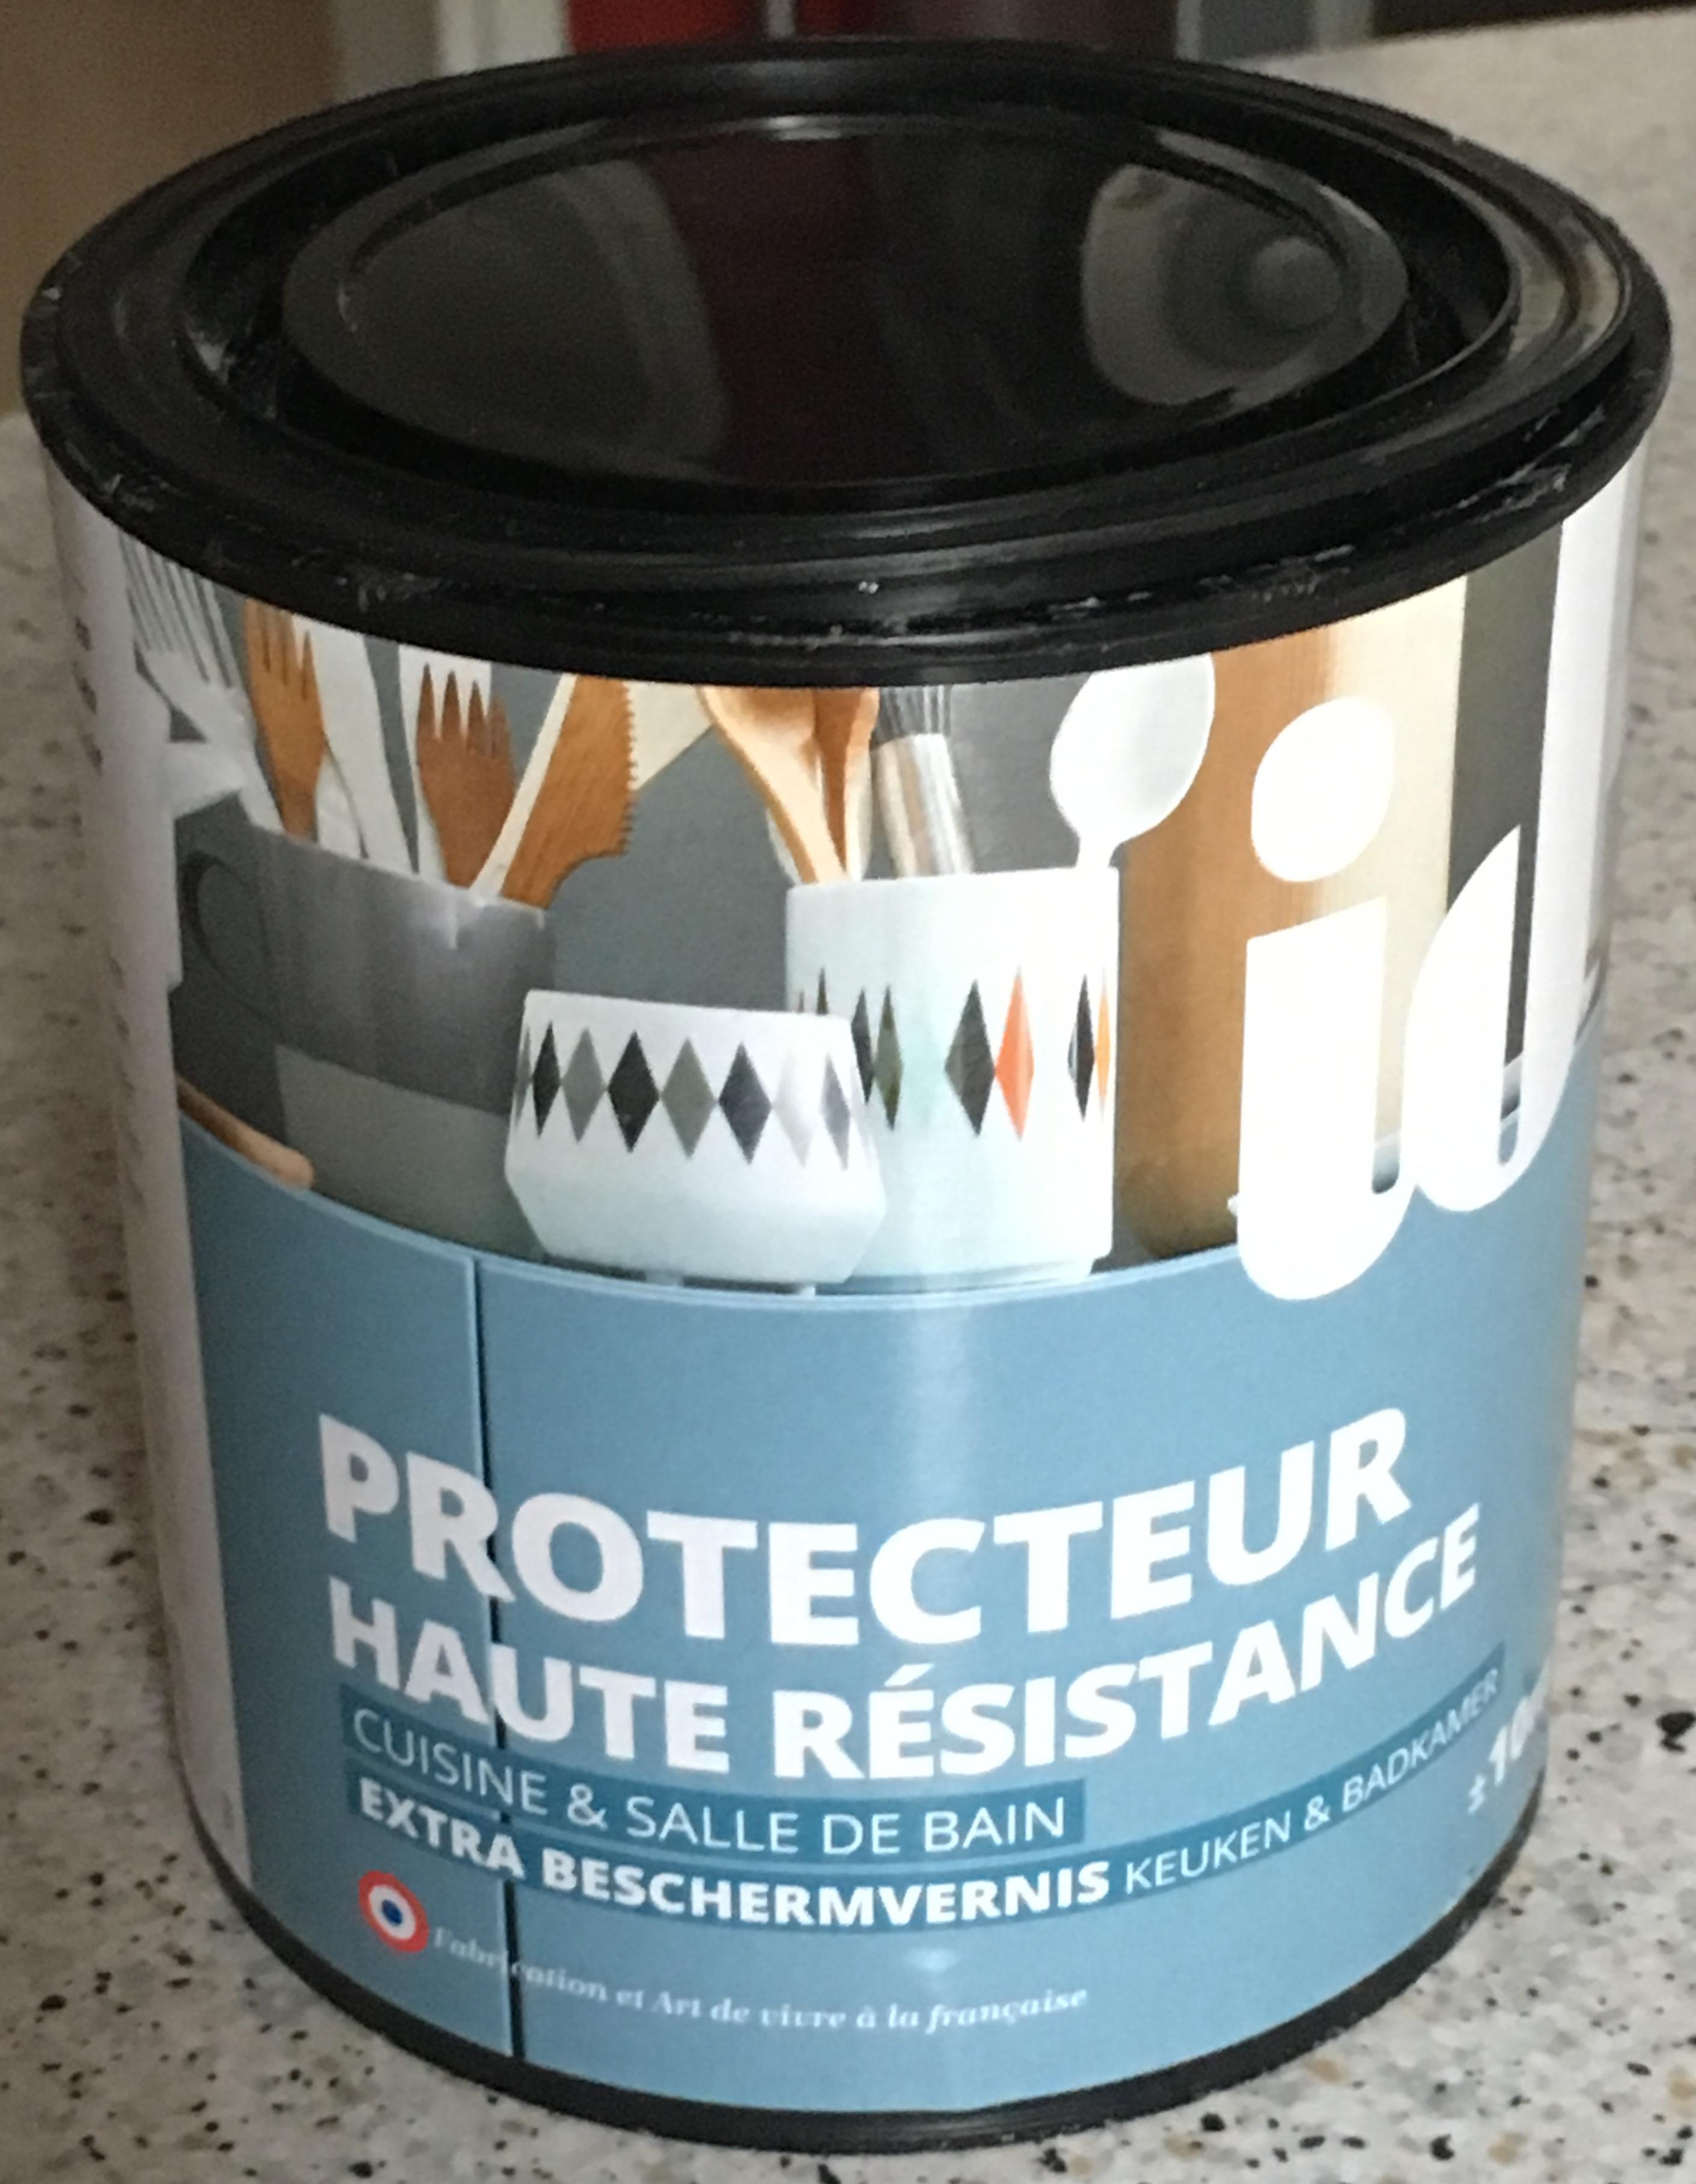 J'ai testé pour vous idParis Protecteur haute résistance